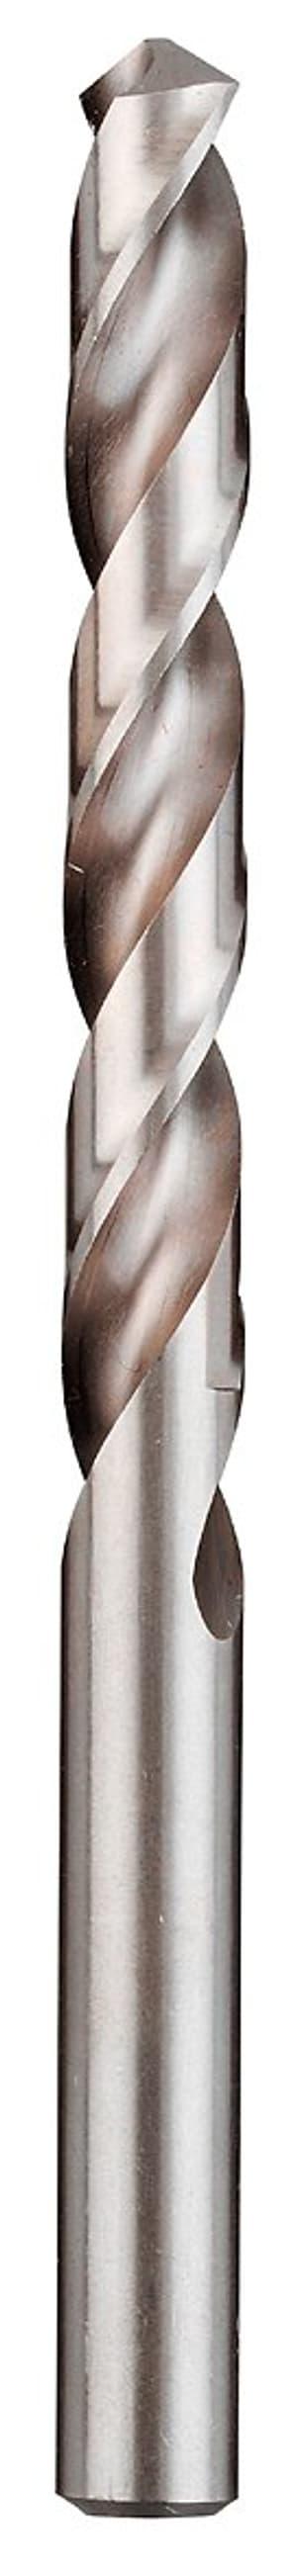 Silver HSS Spiralbohrer, ø 12.0 mm